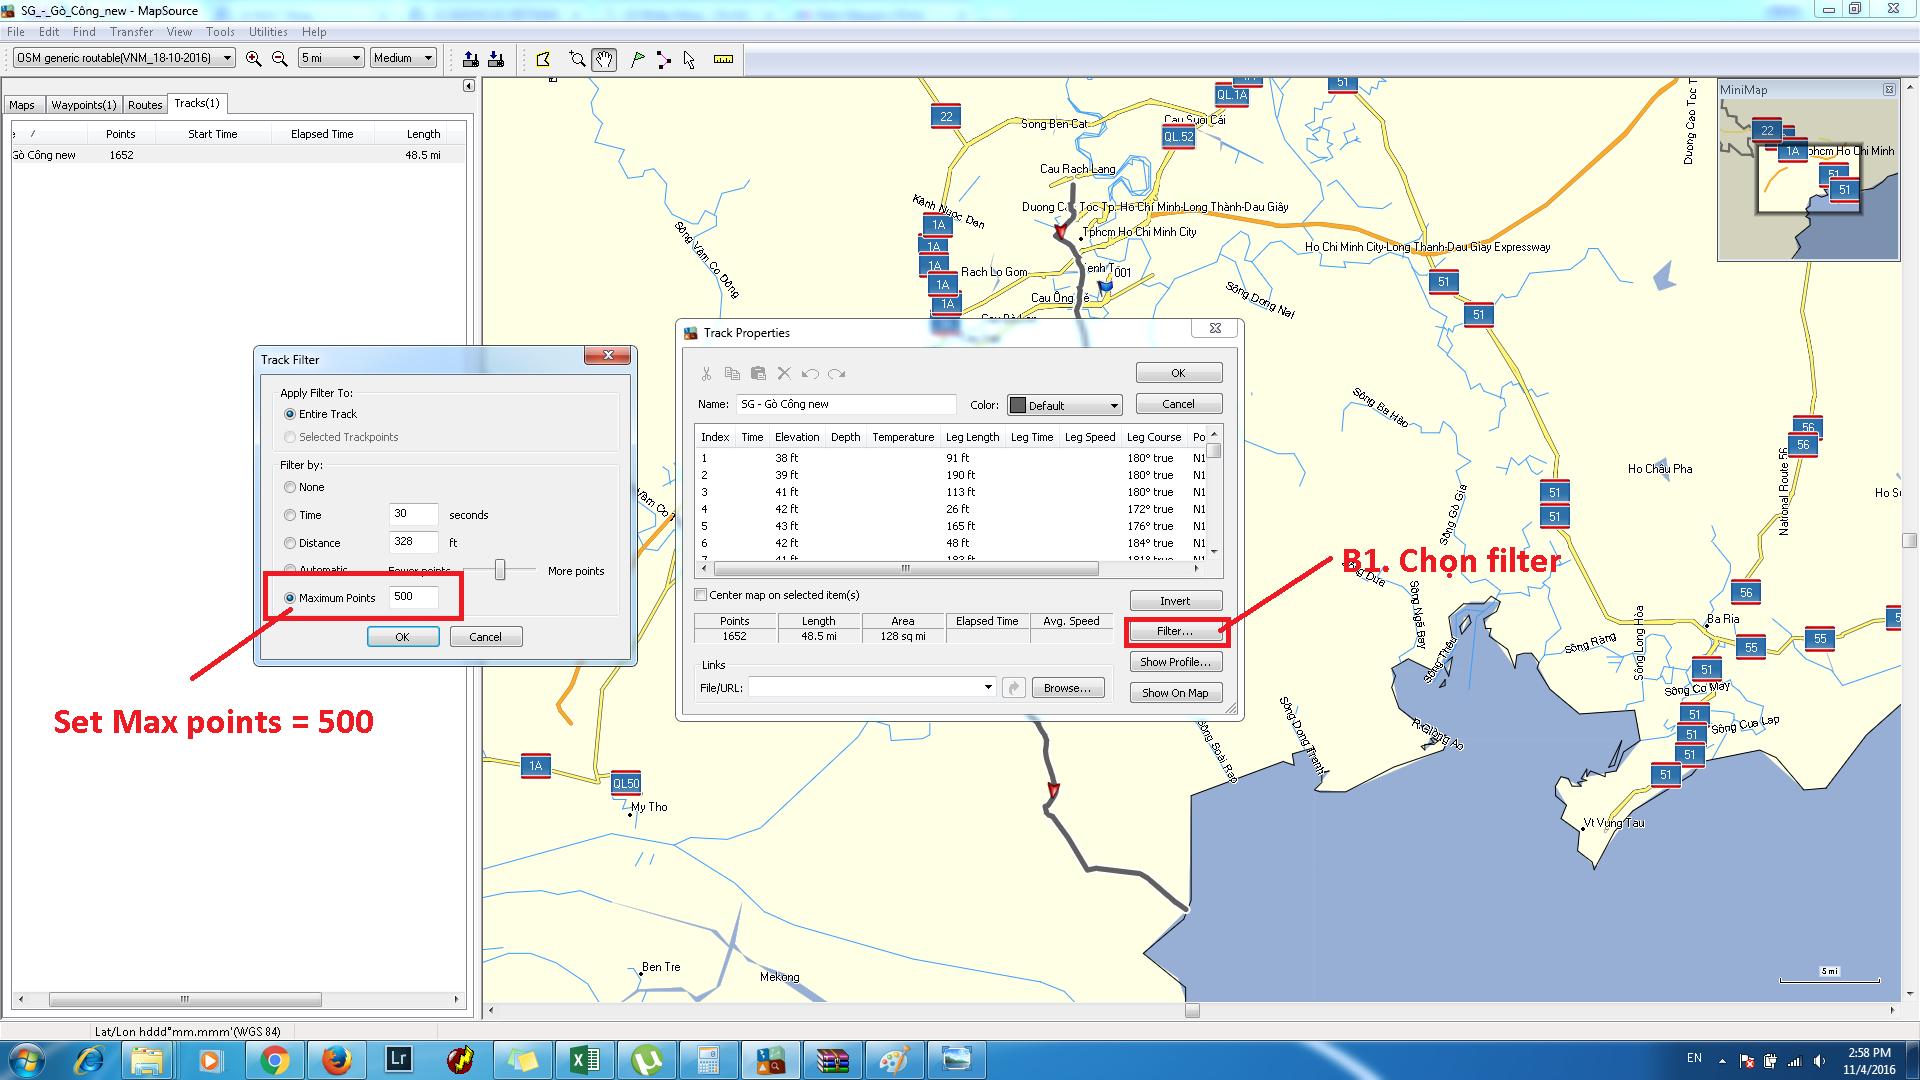 Thảo luận - [Batshop vn] Hướng dẫn sử dụng Garmin Map : cài đặt map